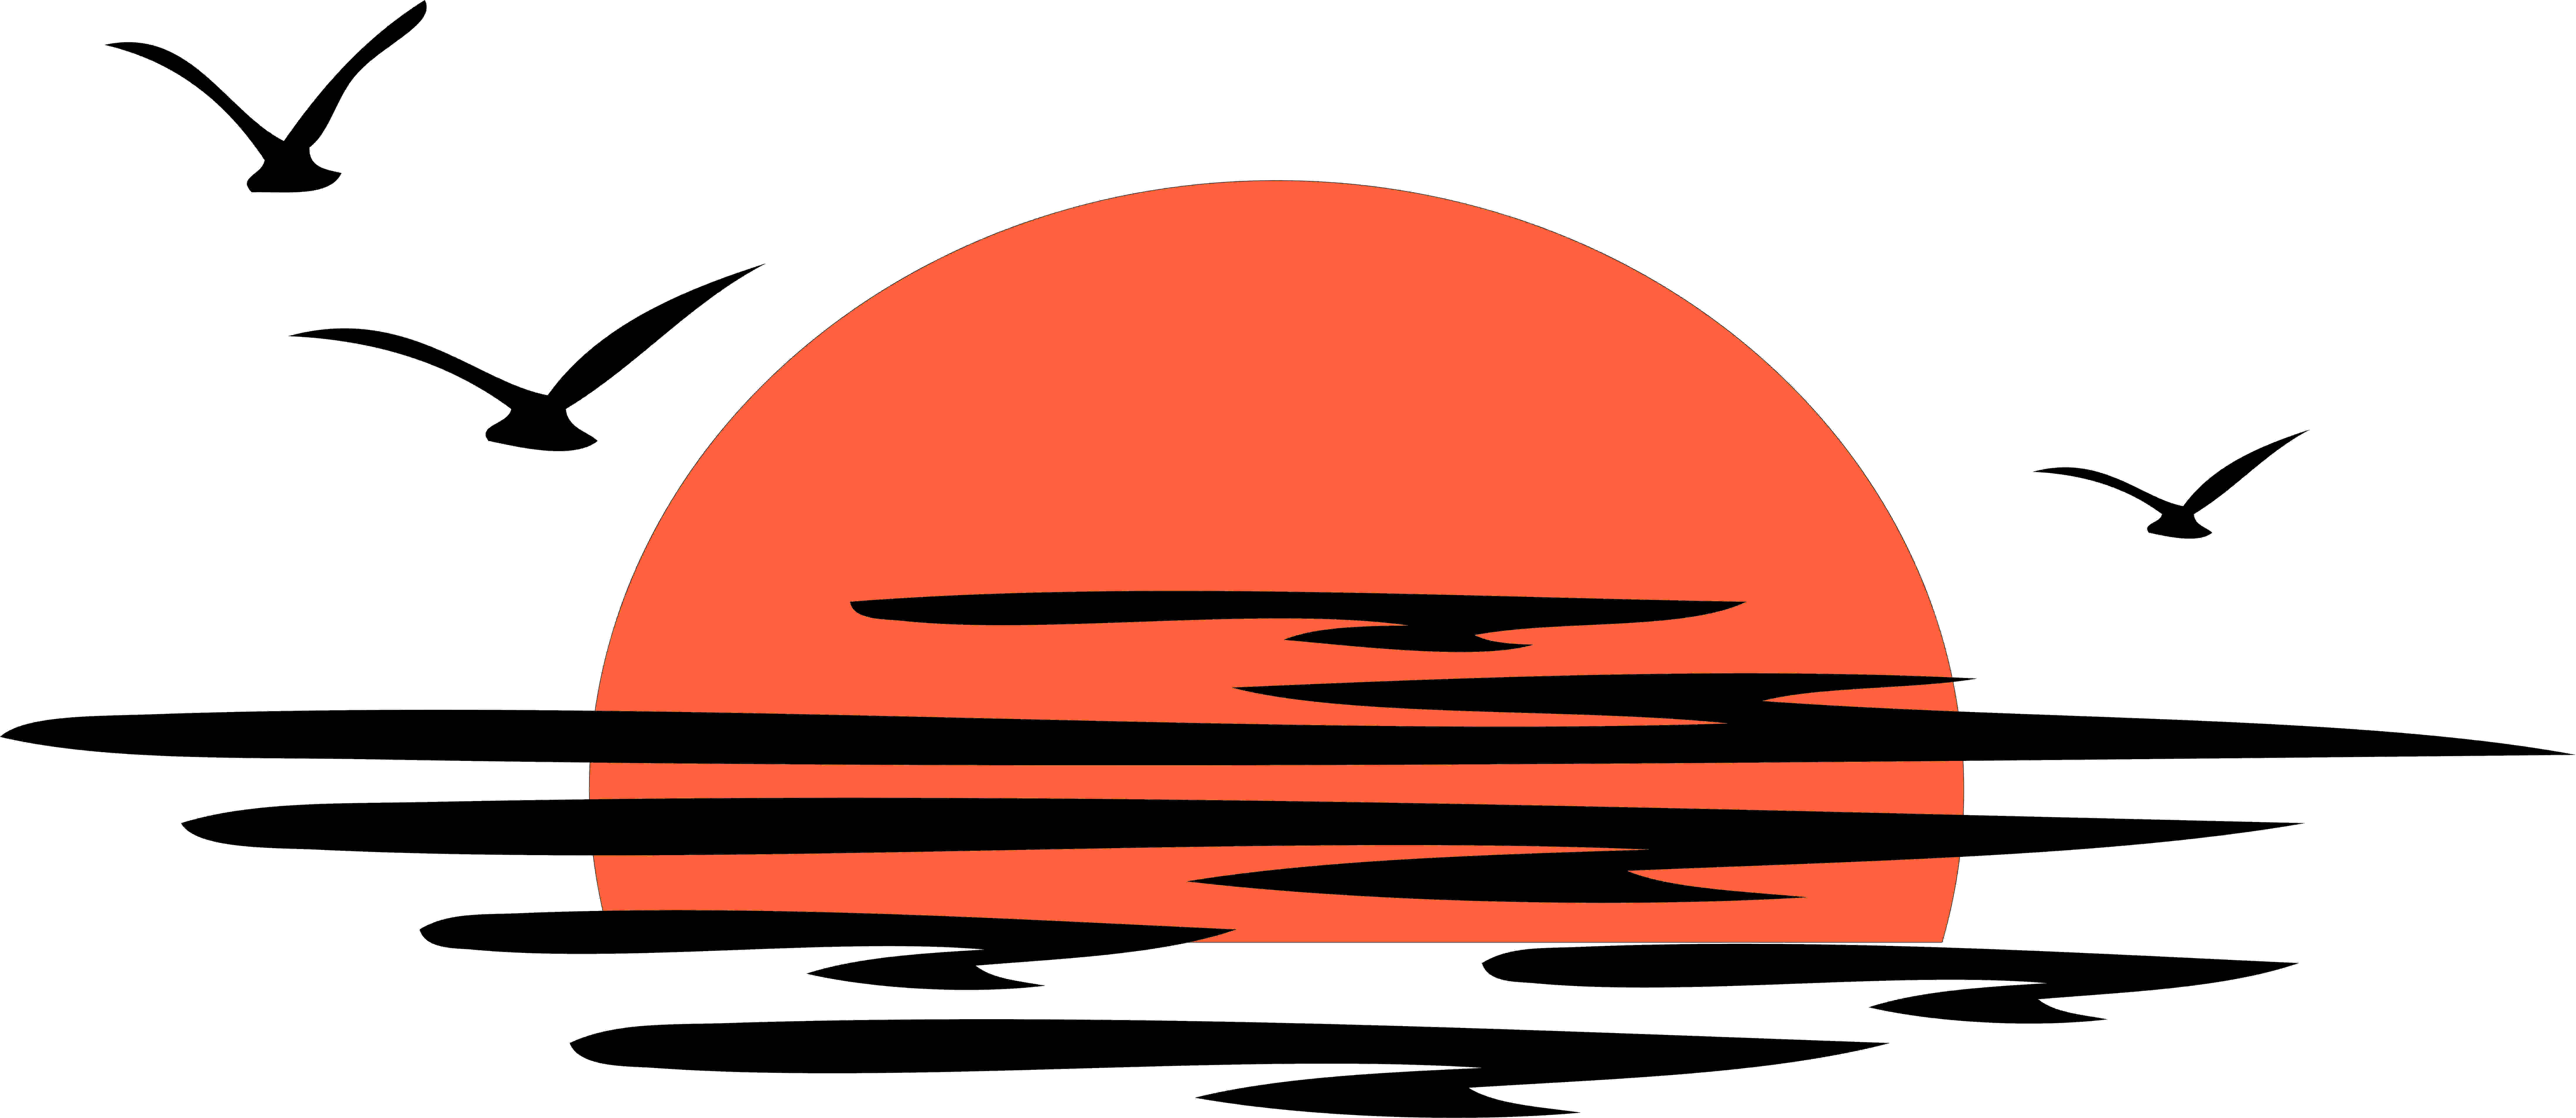 Aufkleber Wohnwagen Wohnmobil Camper Caravan Auto Sonnenuntergang